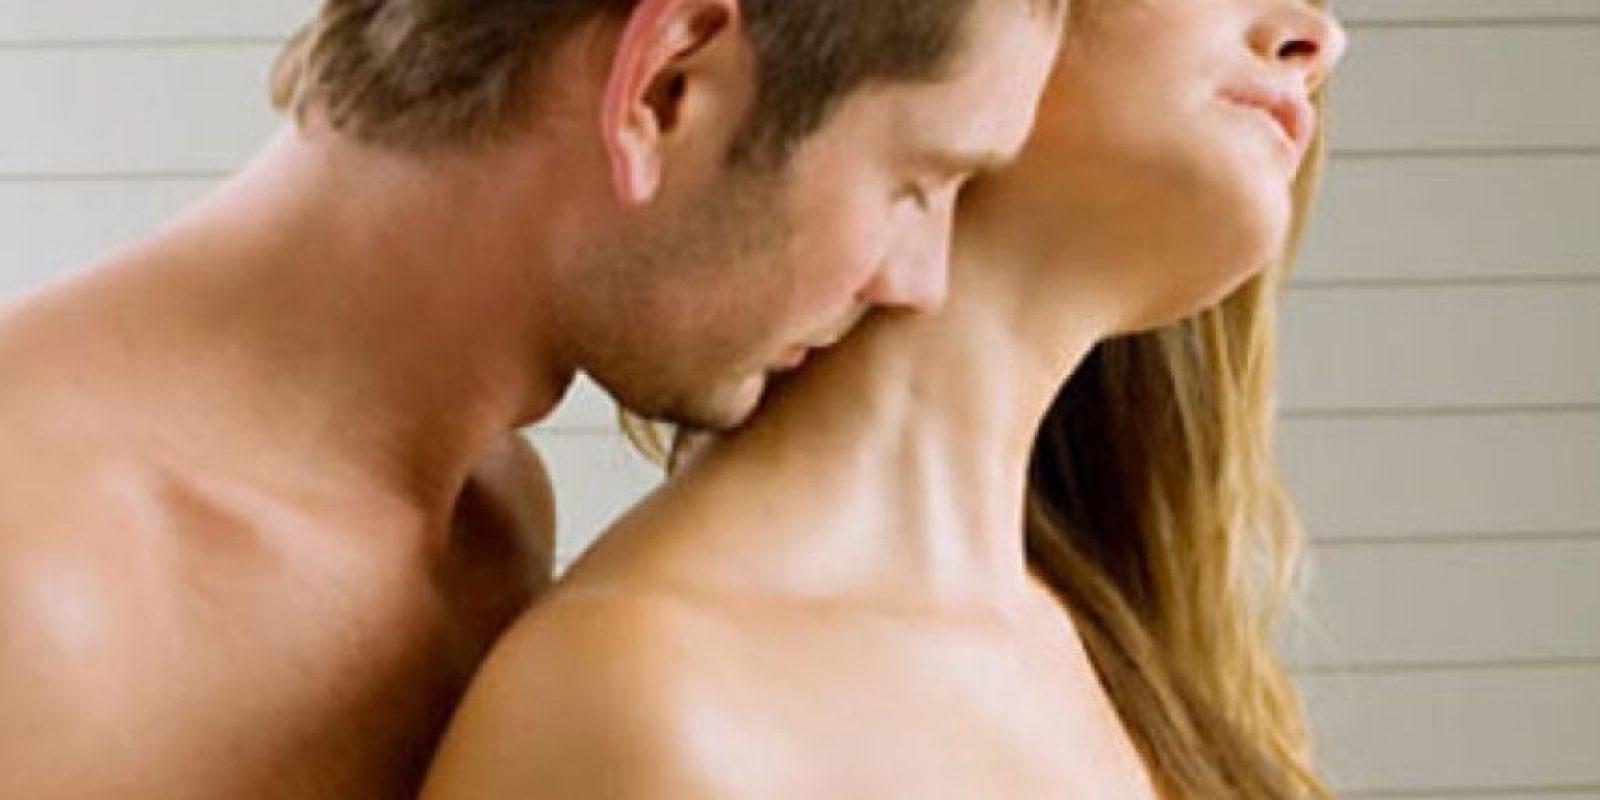 El evitar la vergüenza y superar los complejos las hará sentirse más seguras, por tanto, podrán deselvolverse con su pareja como nunca. Foto:Pinterest